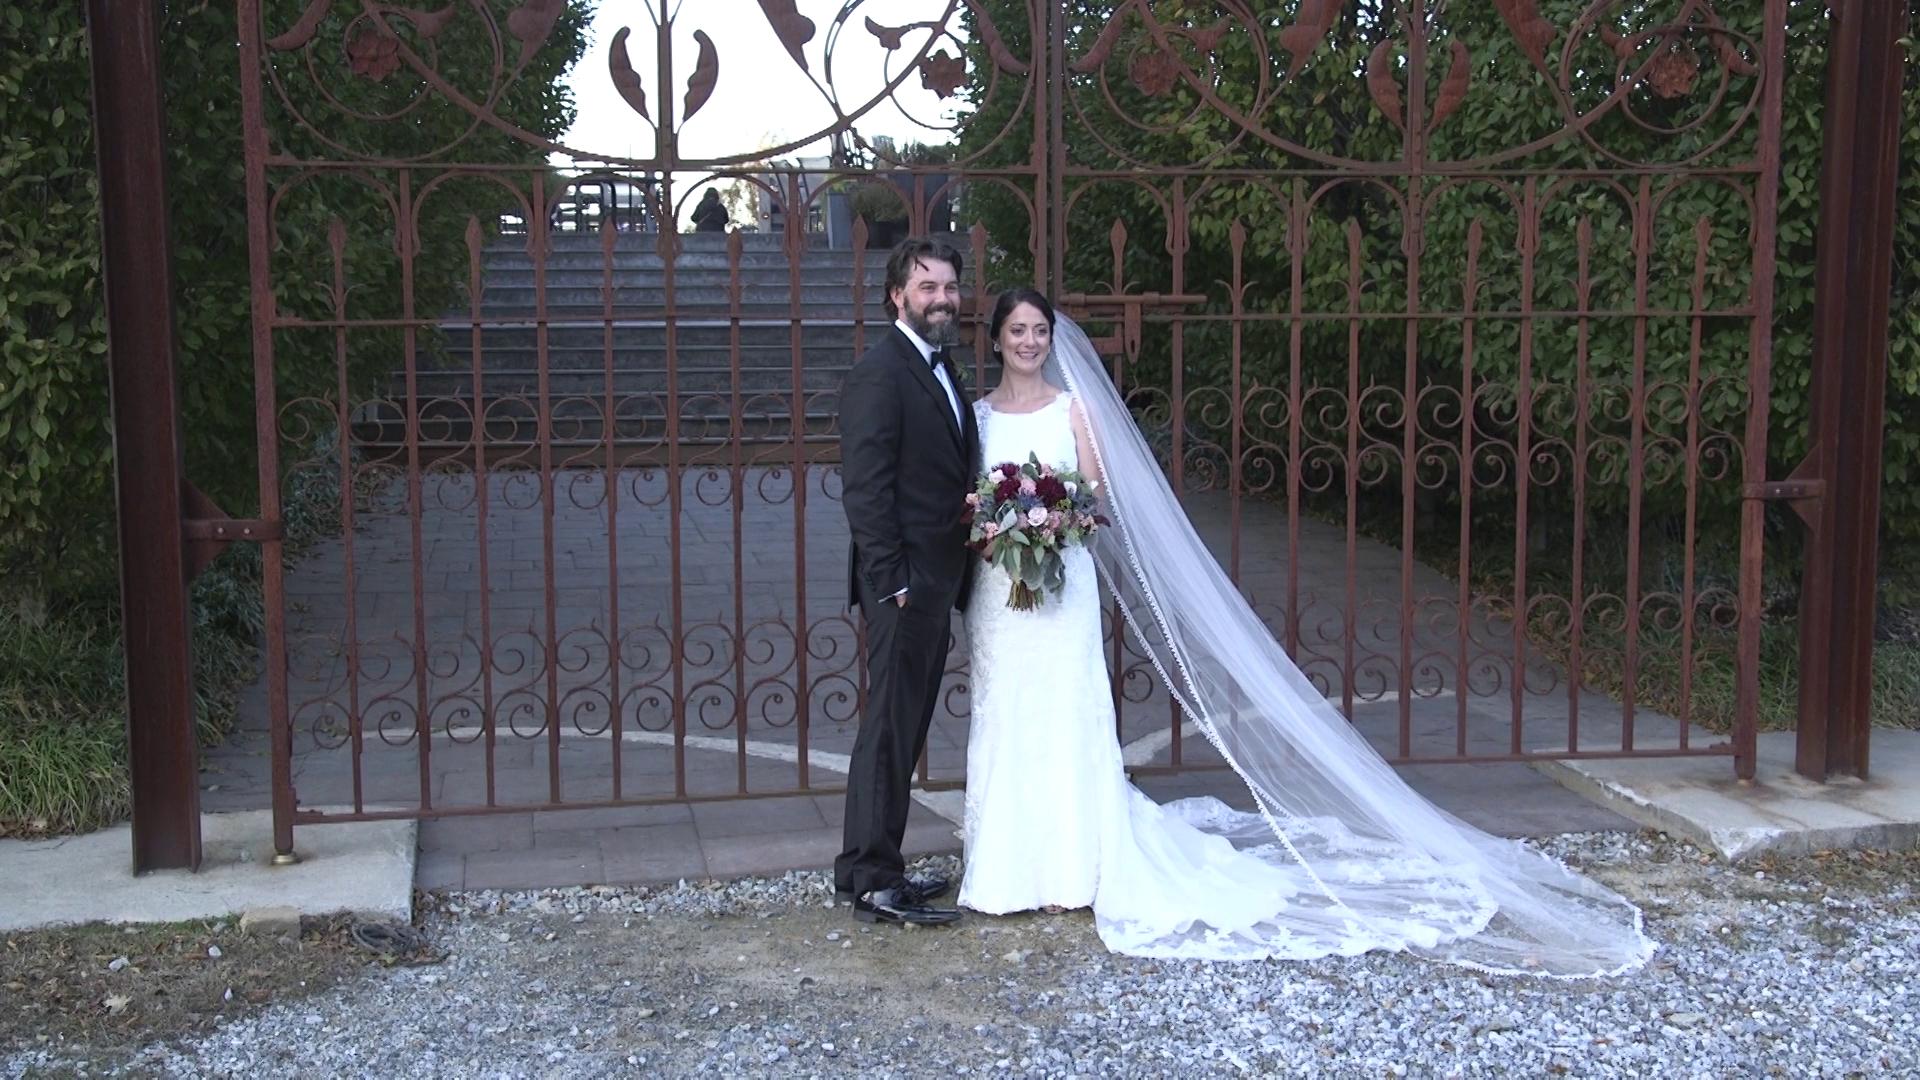 Jessica + John | Wilmington, Delaware | The Farmhouse